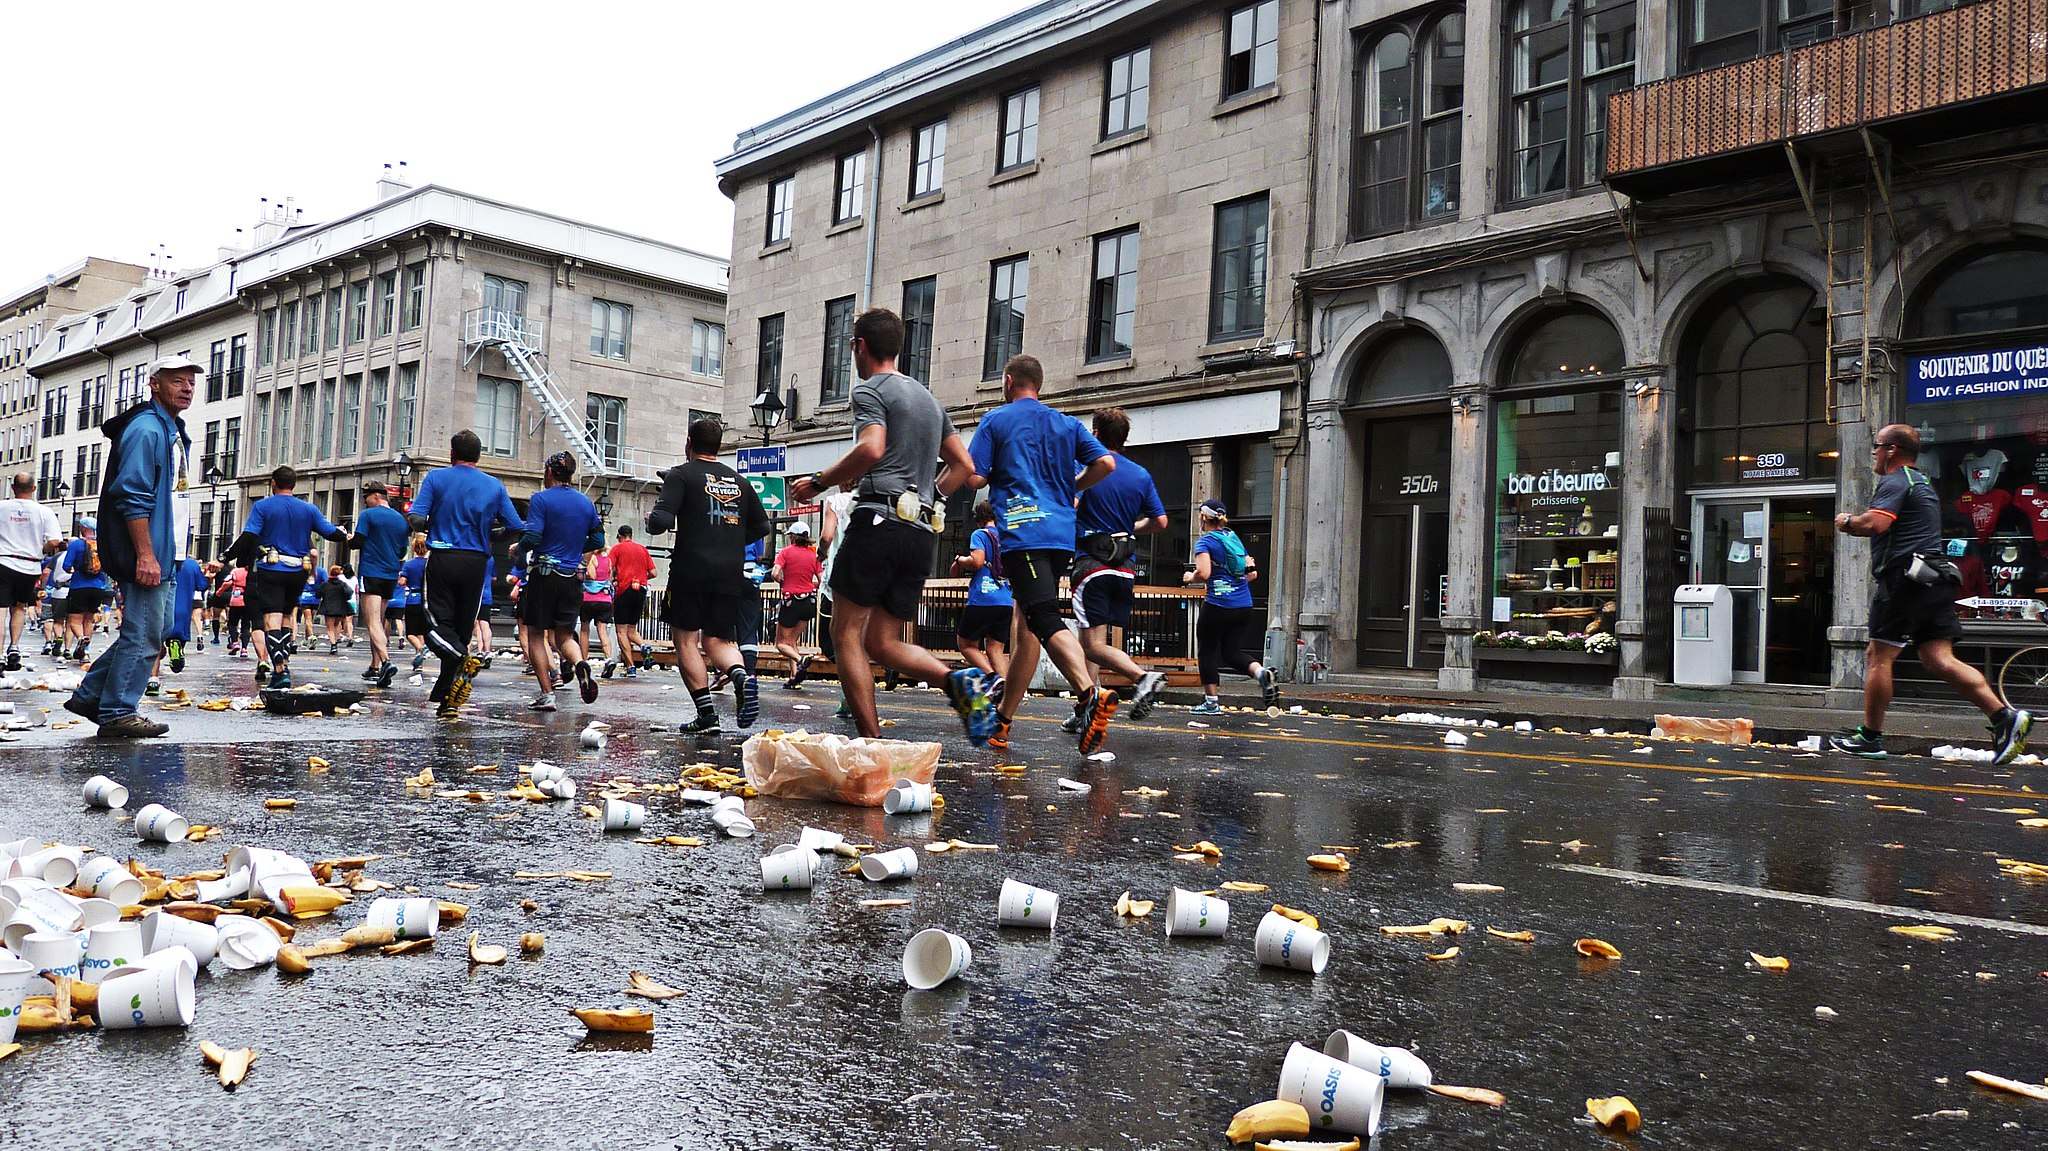 Bežecké podujatia sú obrovským zdrojom odpadu. Matúš sa to rozhodol zmeniť a organizuje preteky bez odpadu